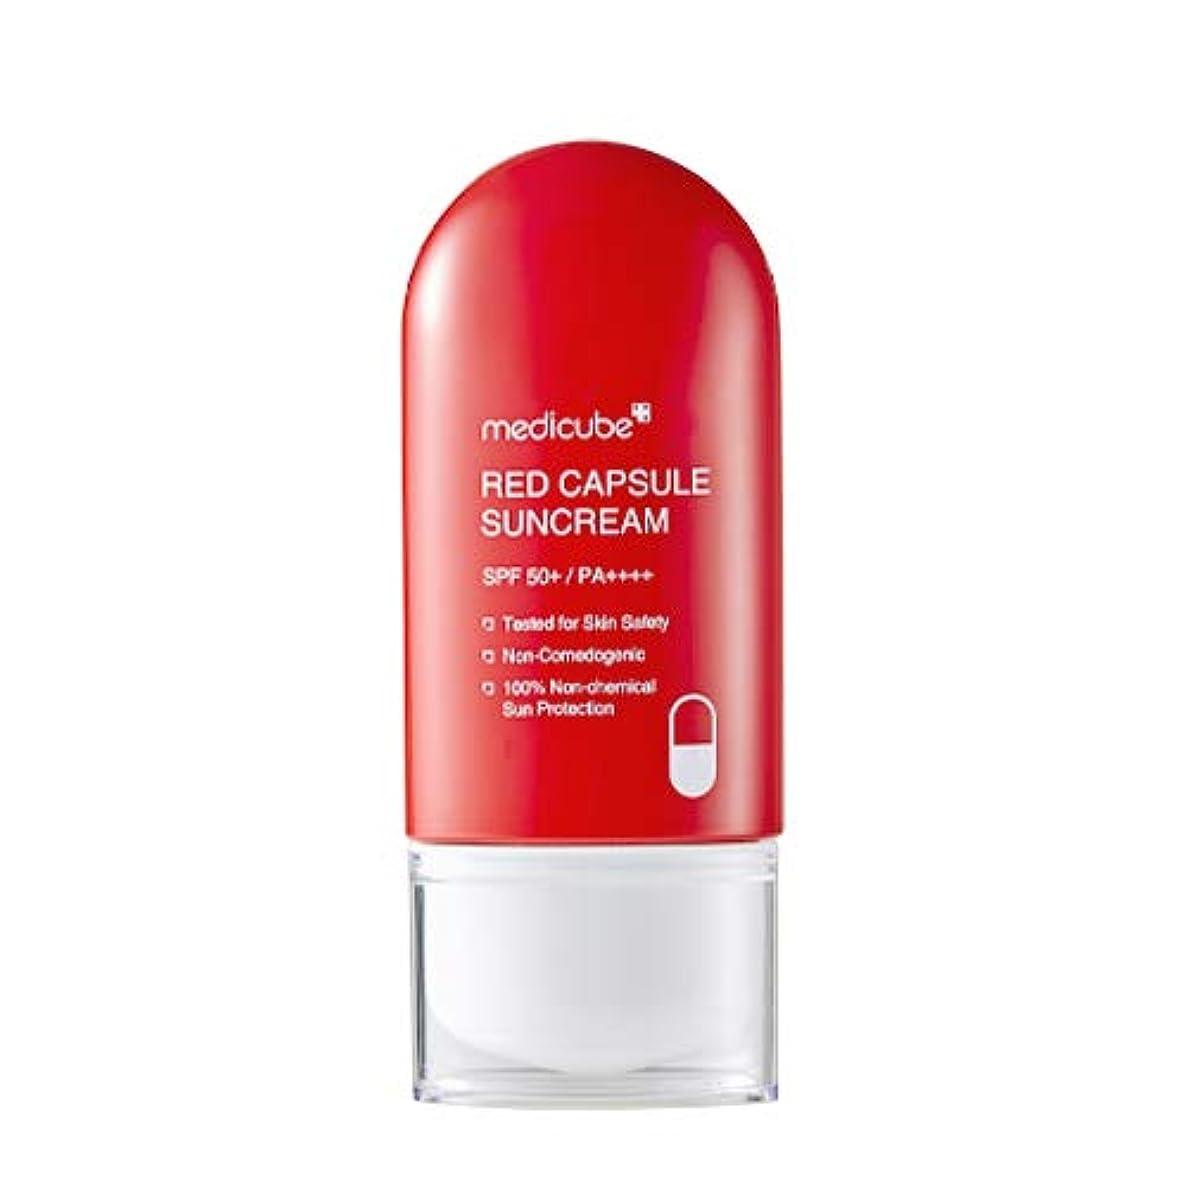 上院覗く農奴メディキューブ日本公式(medicube) レッドカプセルサンクリーム MEDICUBE RED CAPSULE SUNCREAM 30g